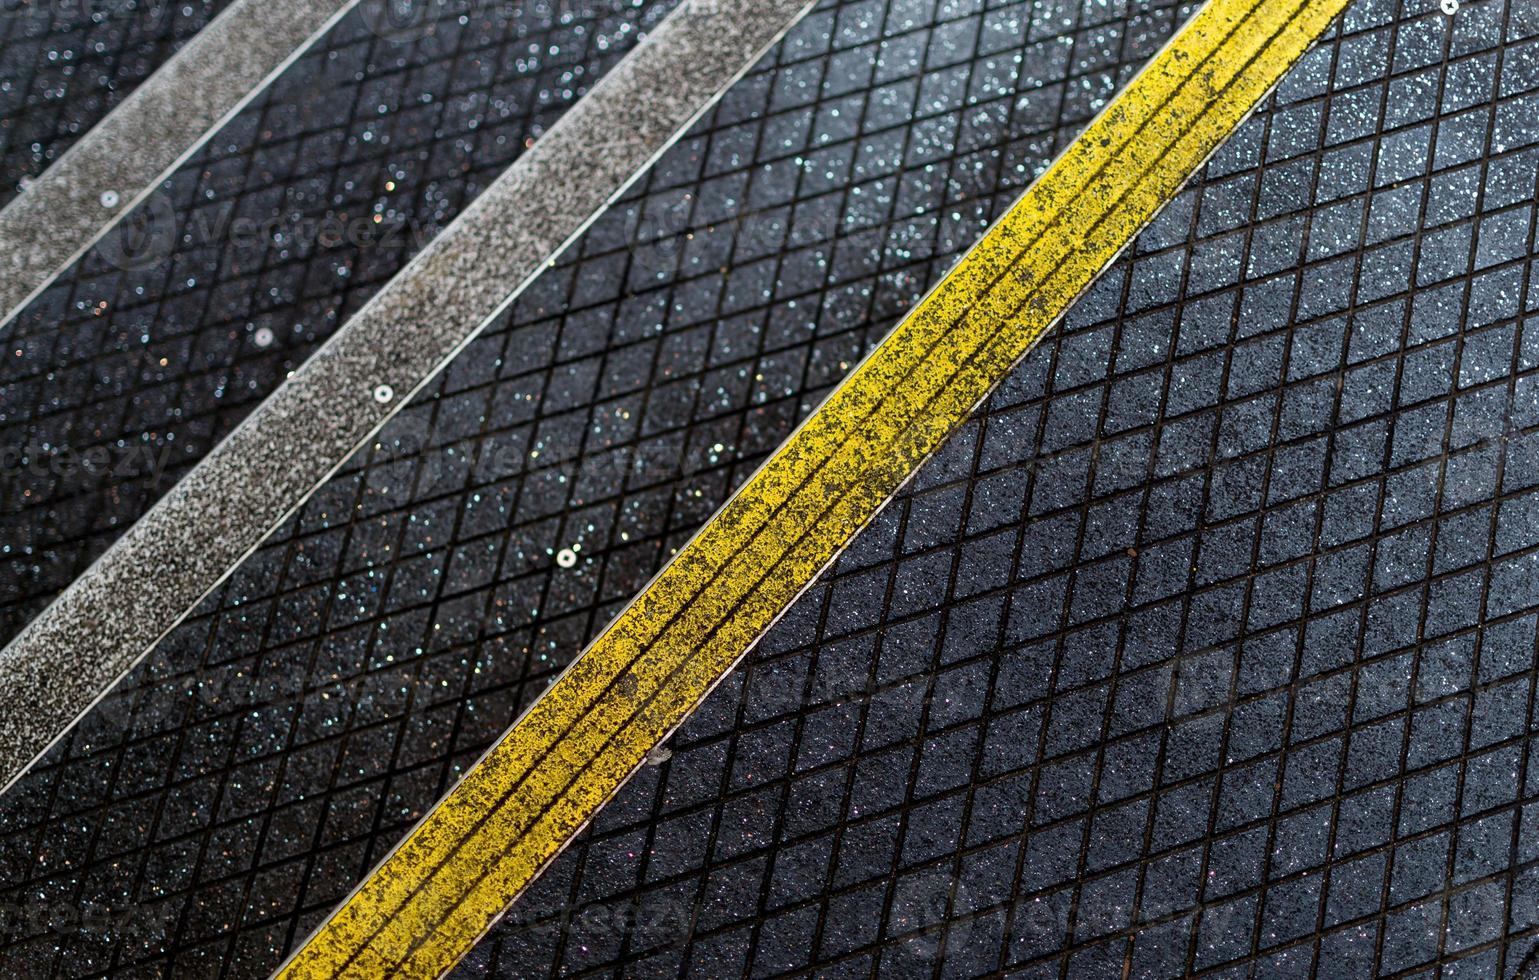 gångtrappa för fotgängare med antislipbeläggning foto